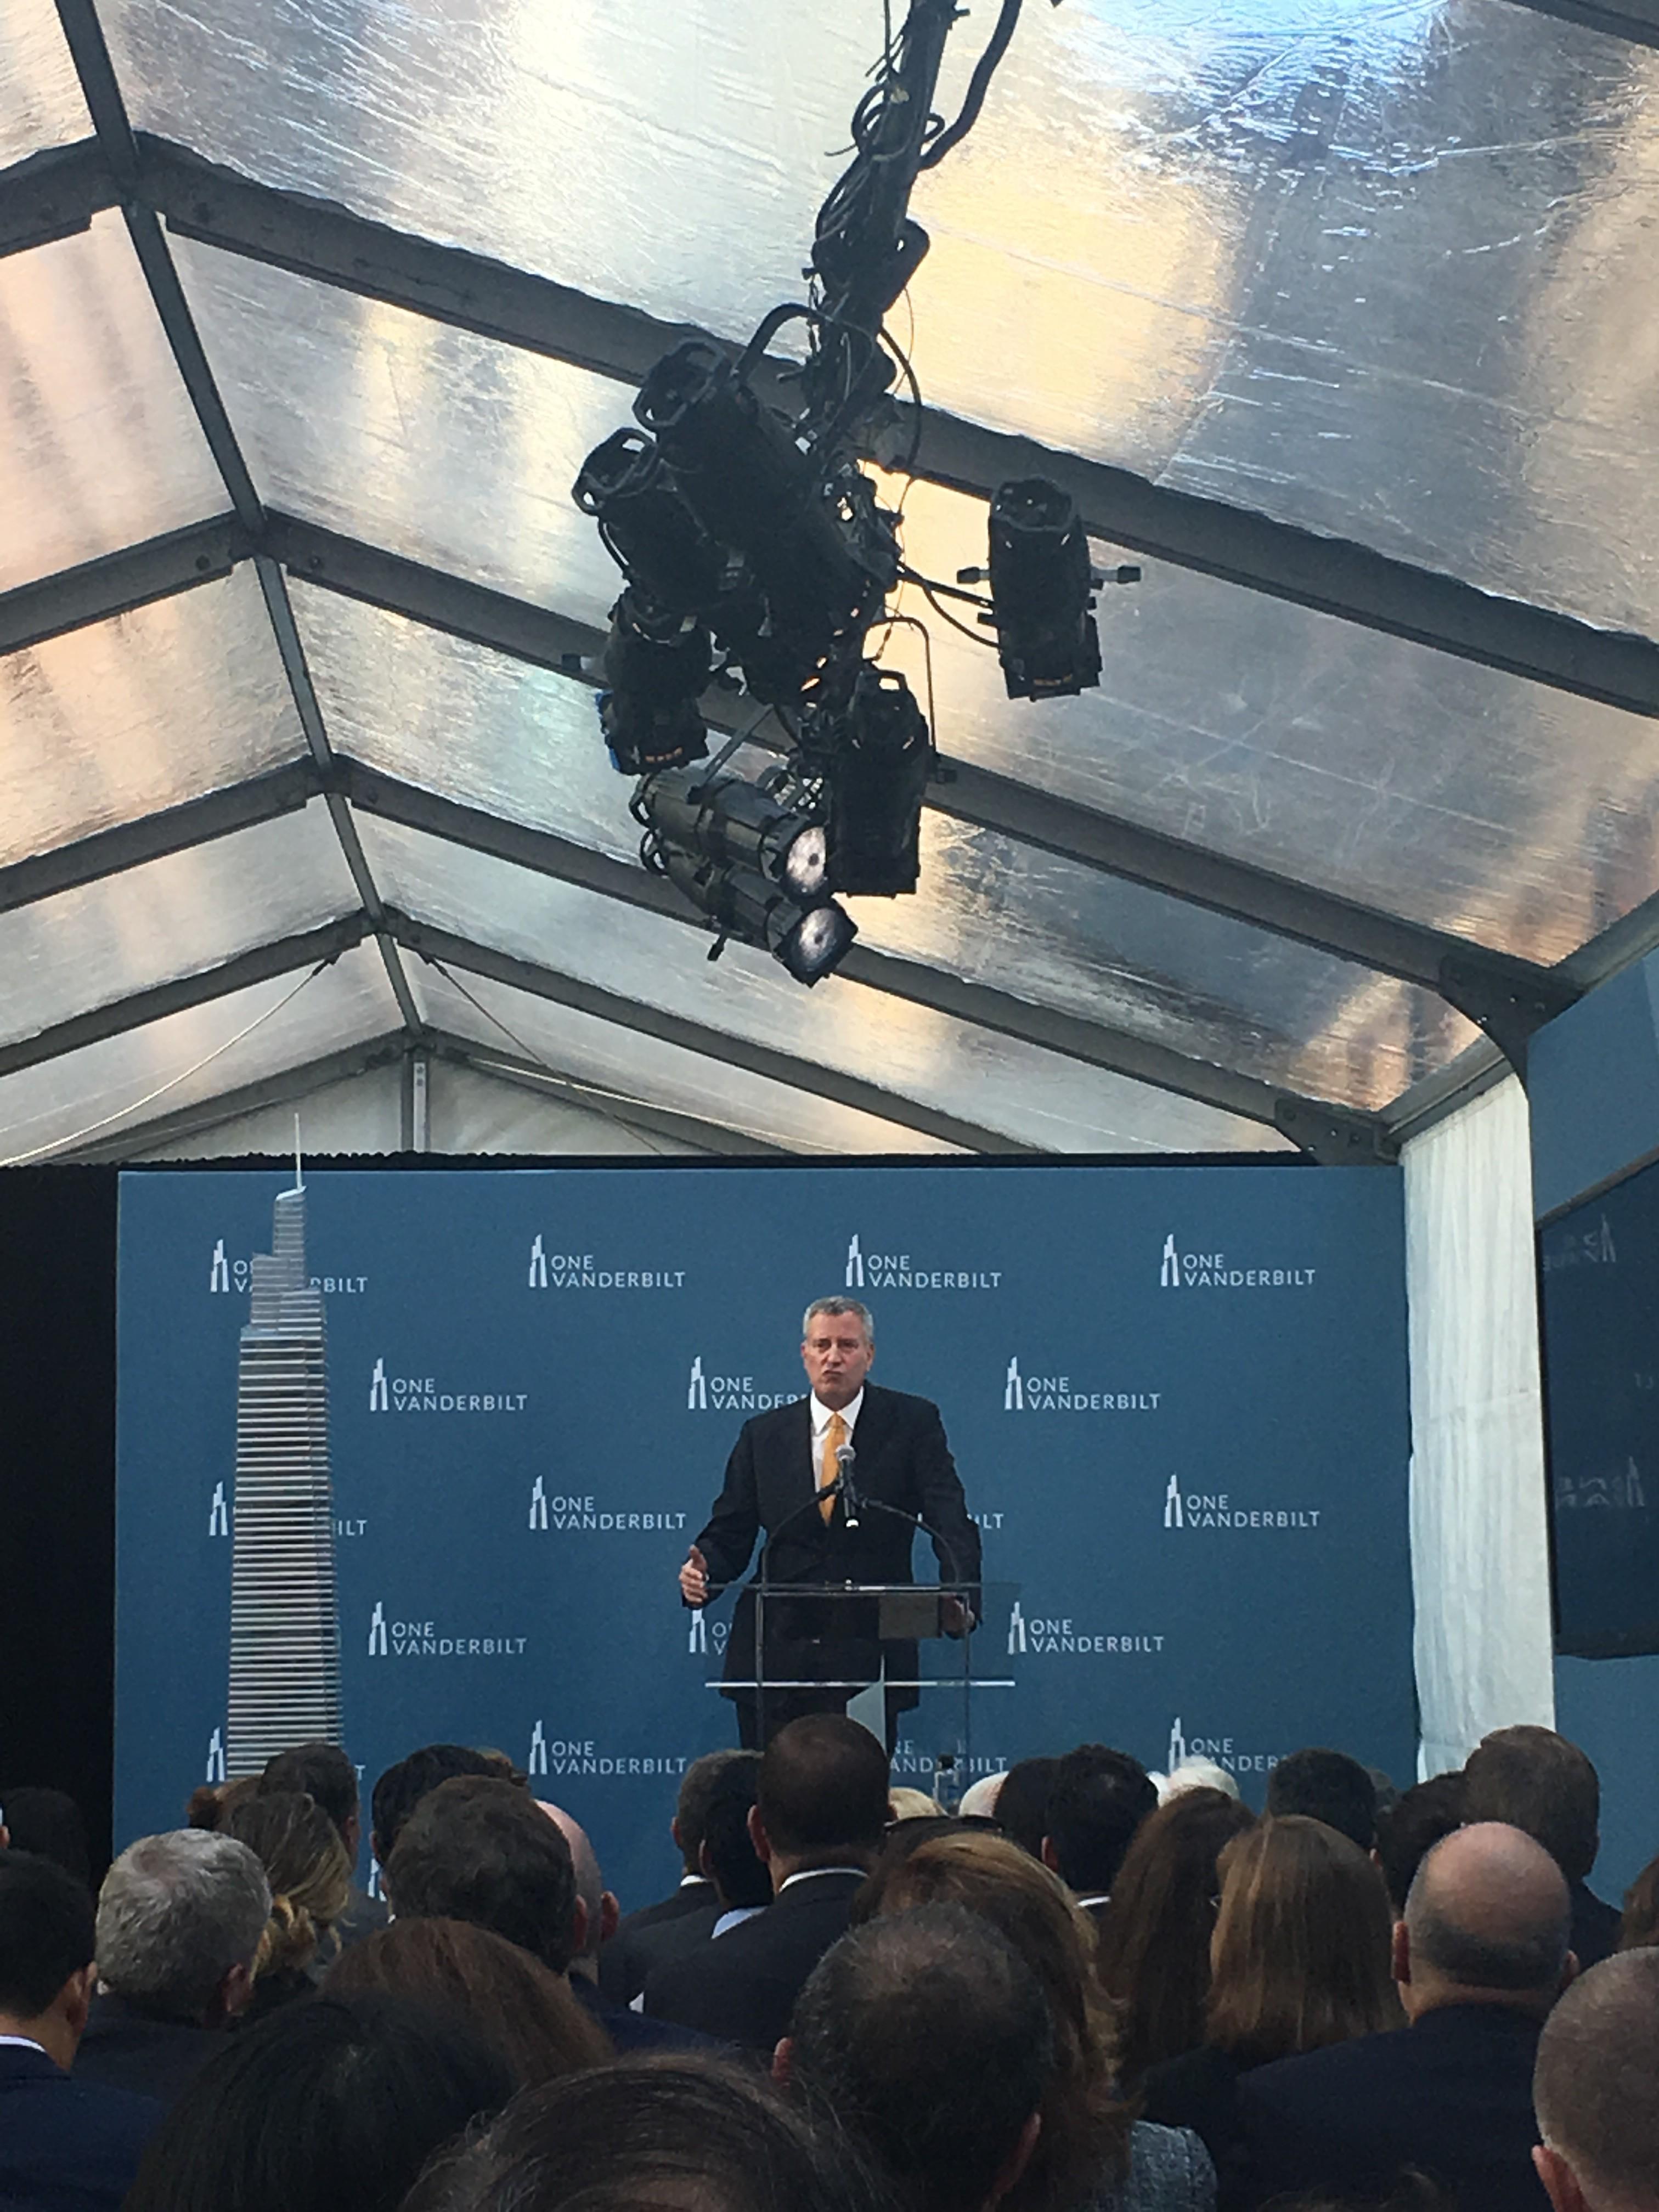 Mayor de Blasio speaking at the One Vanderbilt groundbreaking ceremony.